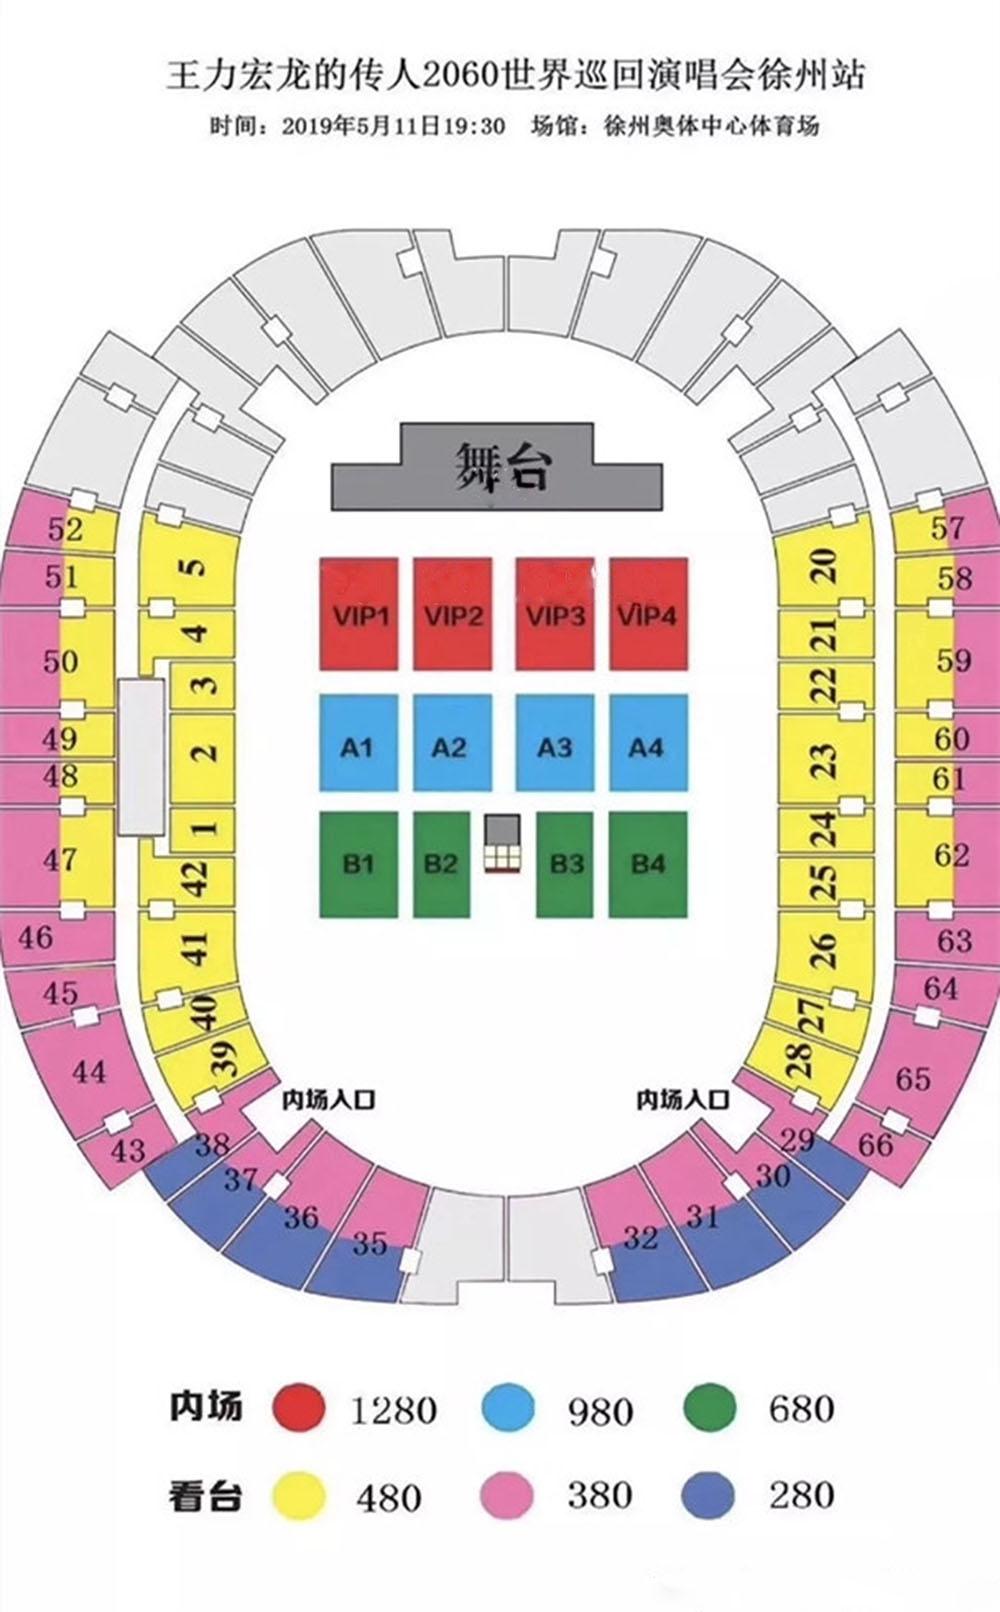 2019王力宏徐州奥体演唱会门票是多少钱?王力宏徐州演唱会座位图分布